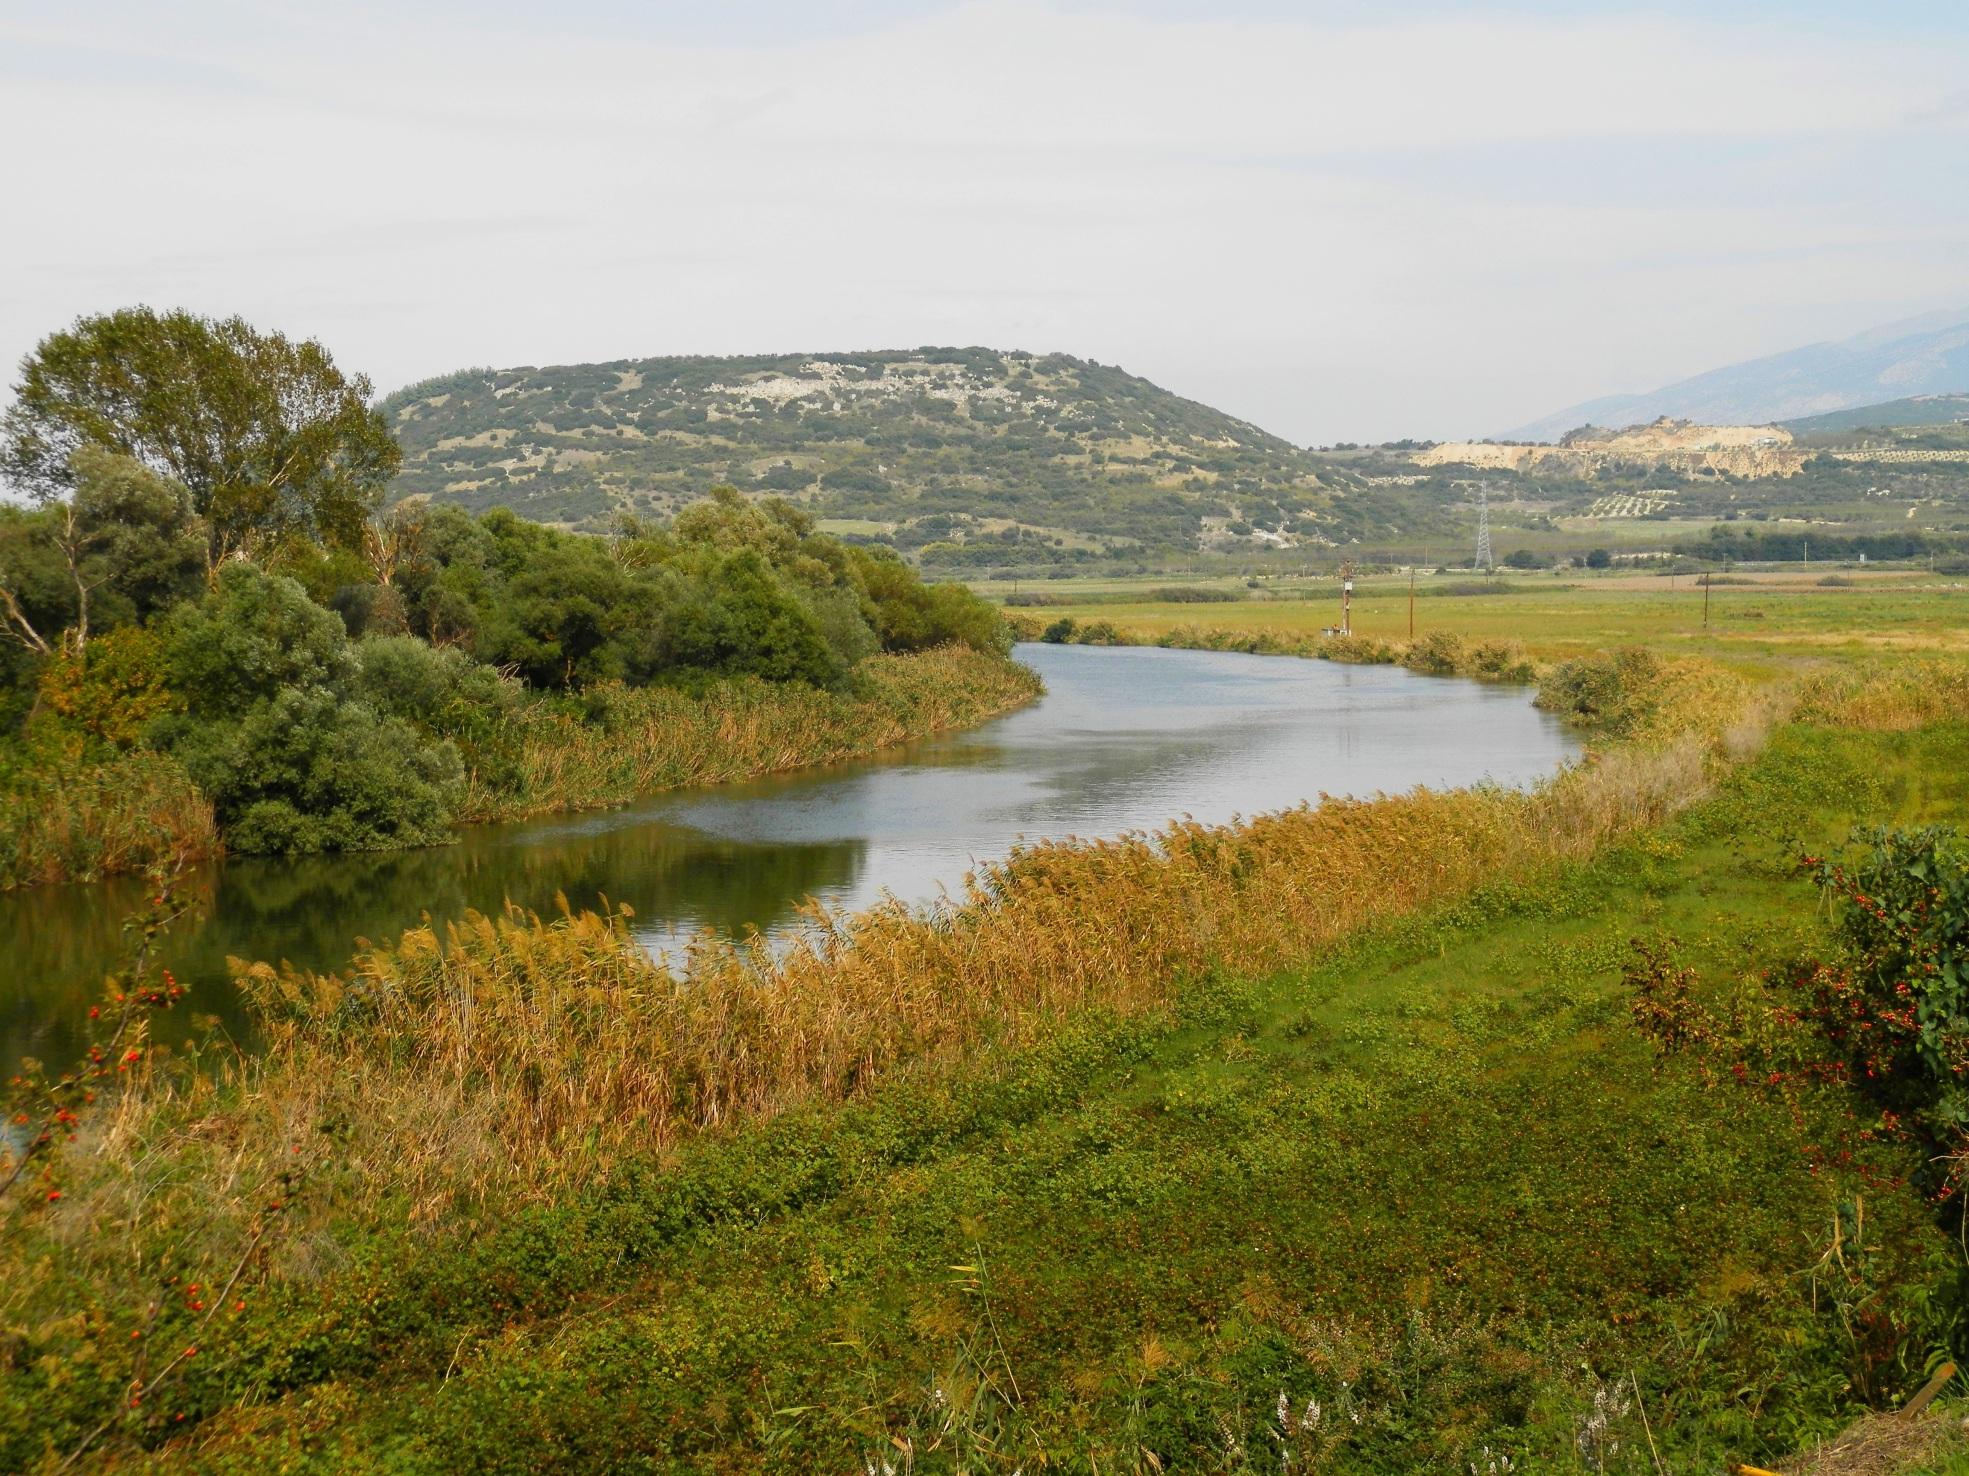 Λόφος 133 και λόφος Καστά, απο την αρχαία γέφυρα του Στρυμώνα